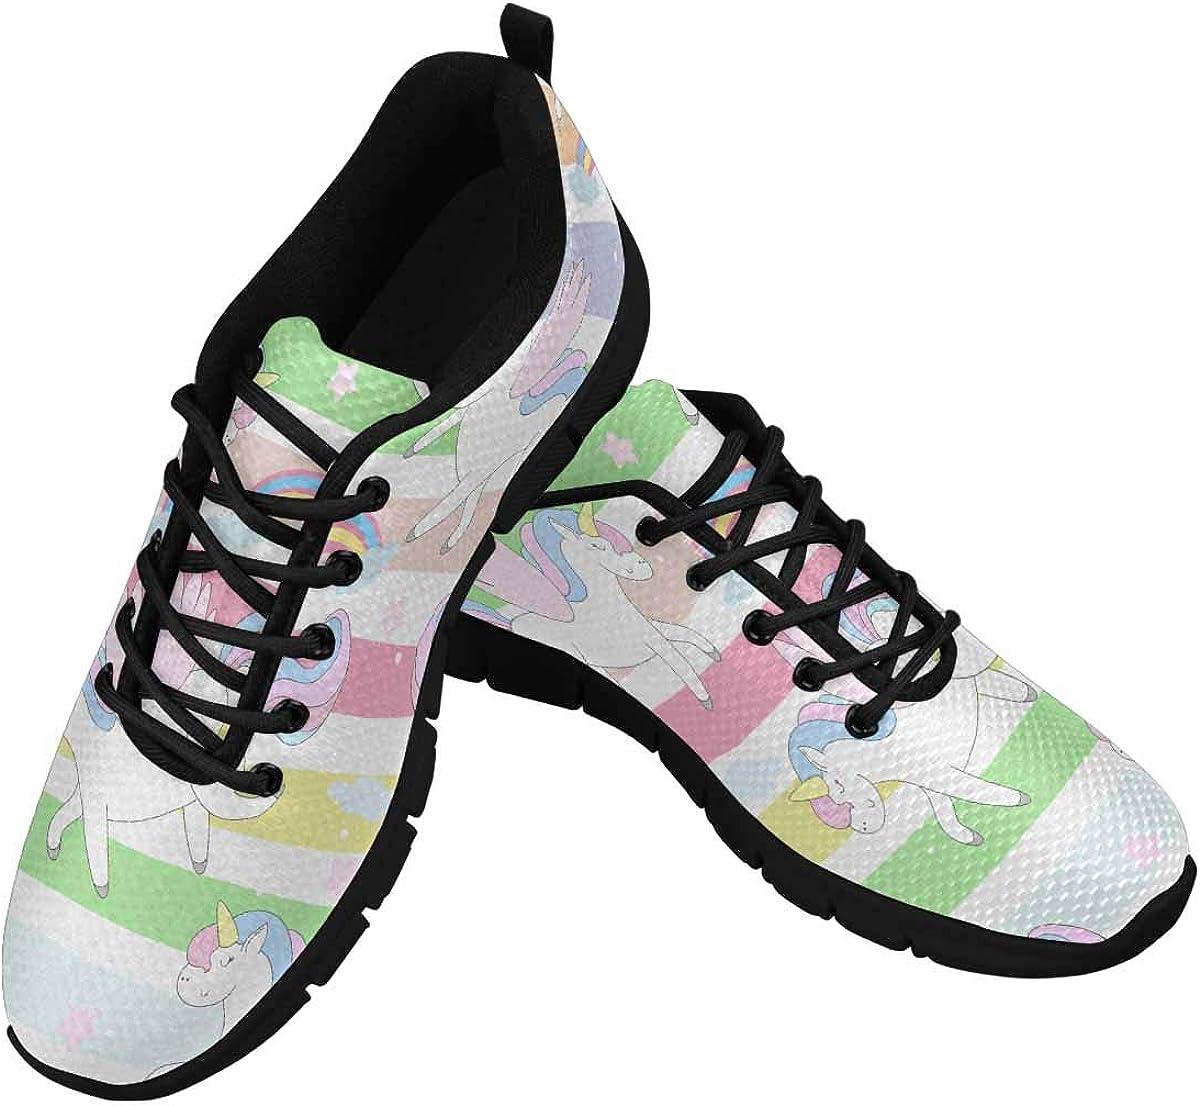 INTERESTPRINT Mugical Unicorns Women's Tennis Running Shoes Lightweight Sneakers